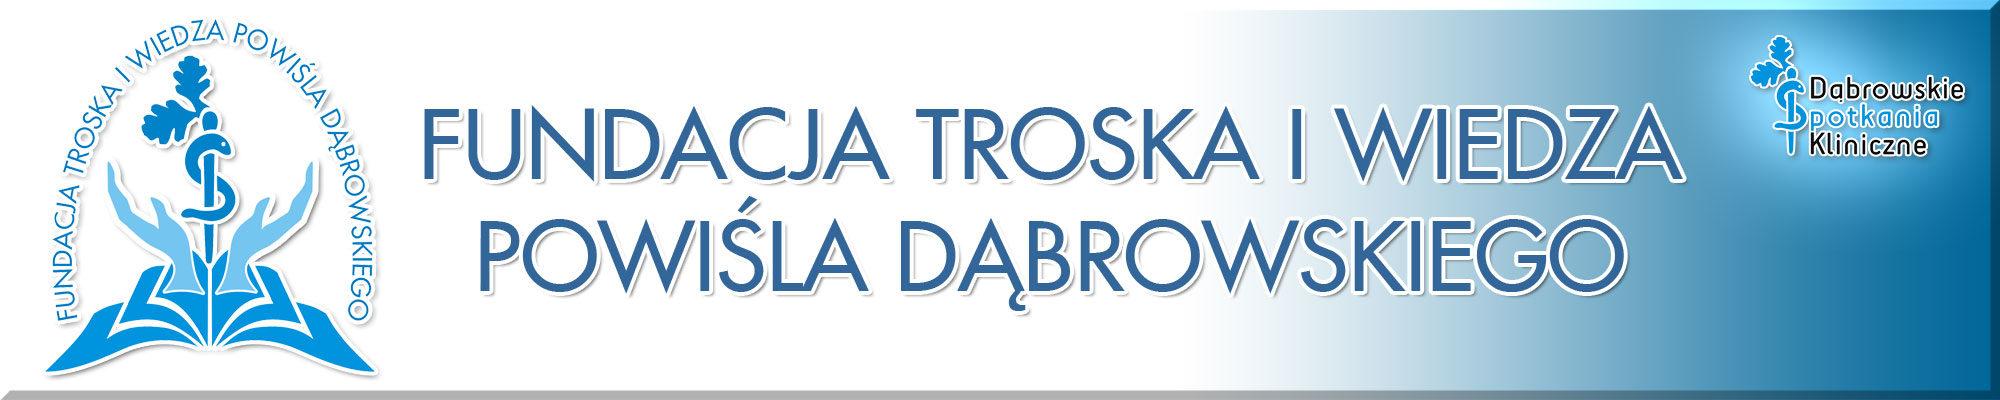 Fundacja Troska i Wiedza Powiśla Dąbrowskiego